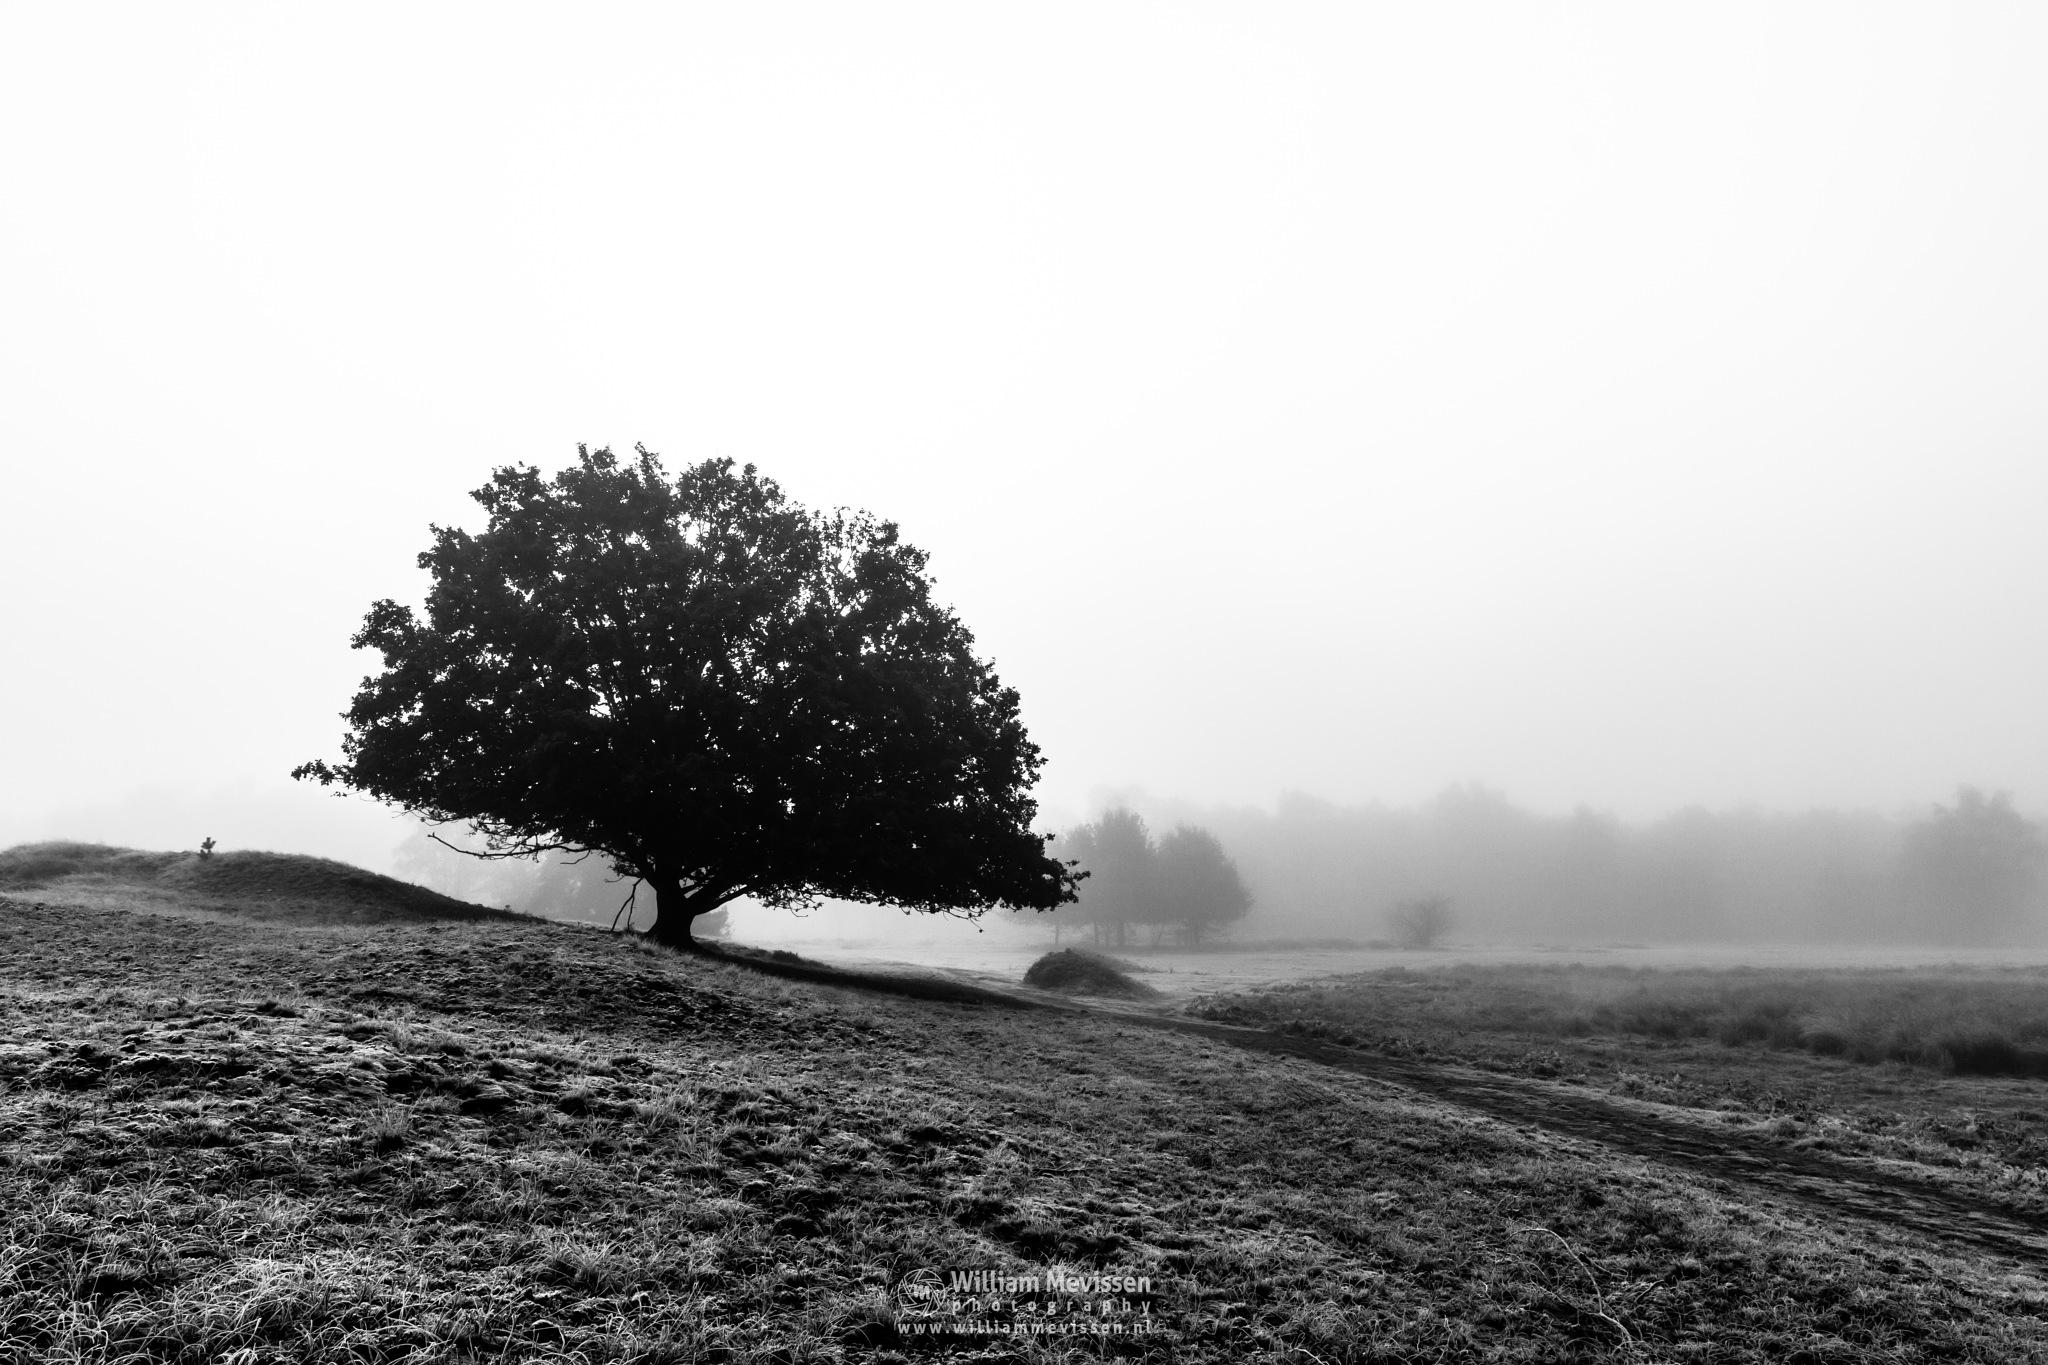 Black And White Bergerheide by William Mevissen